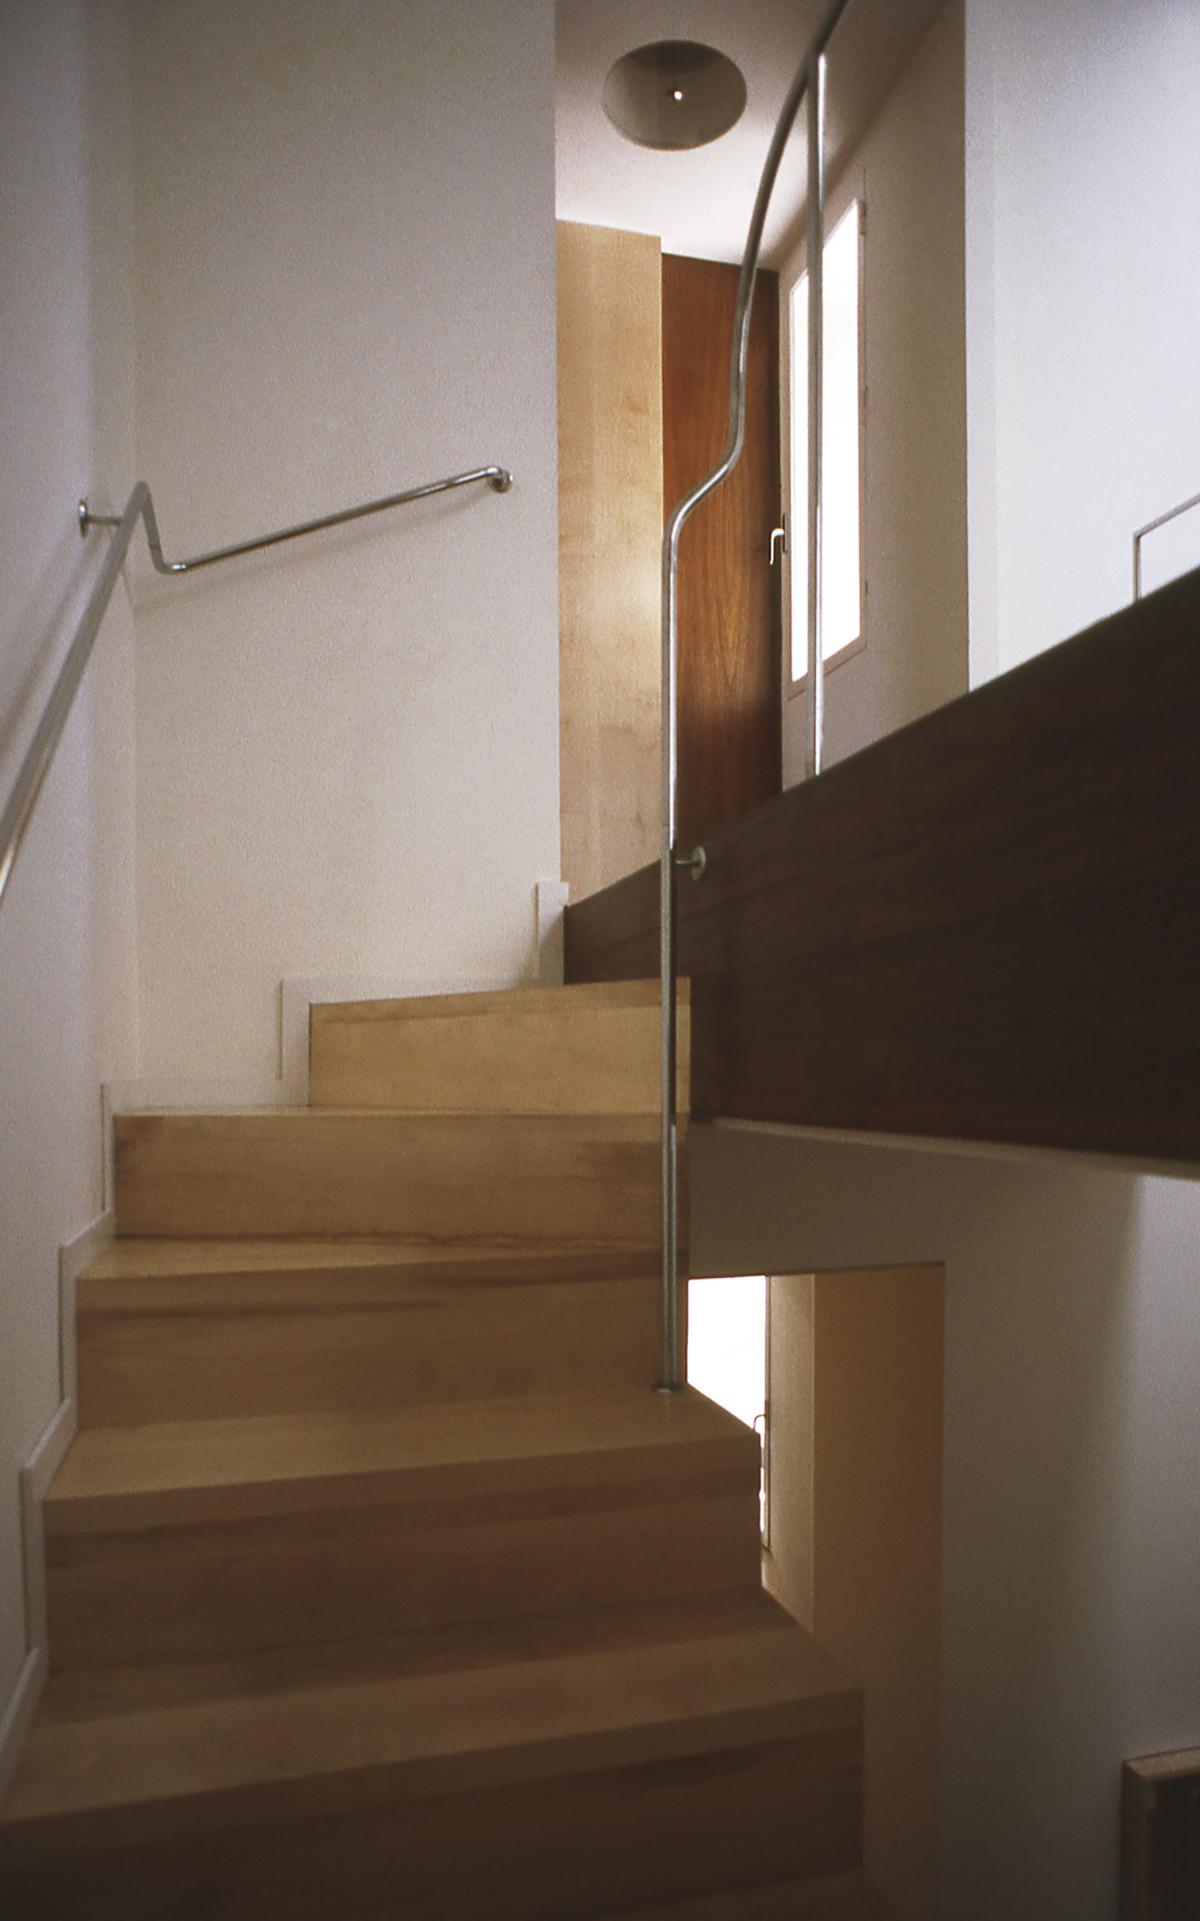 Reforma Interior casa M. Lizcano | Imagen de proyecto4